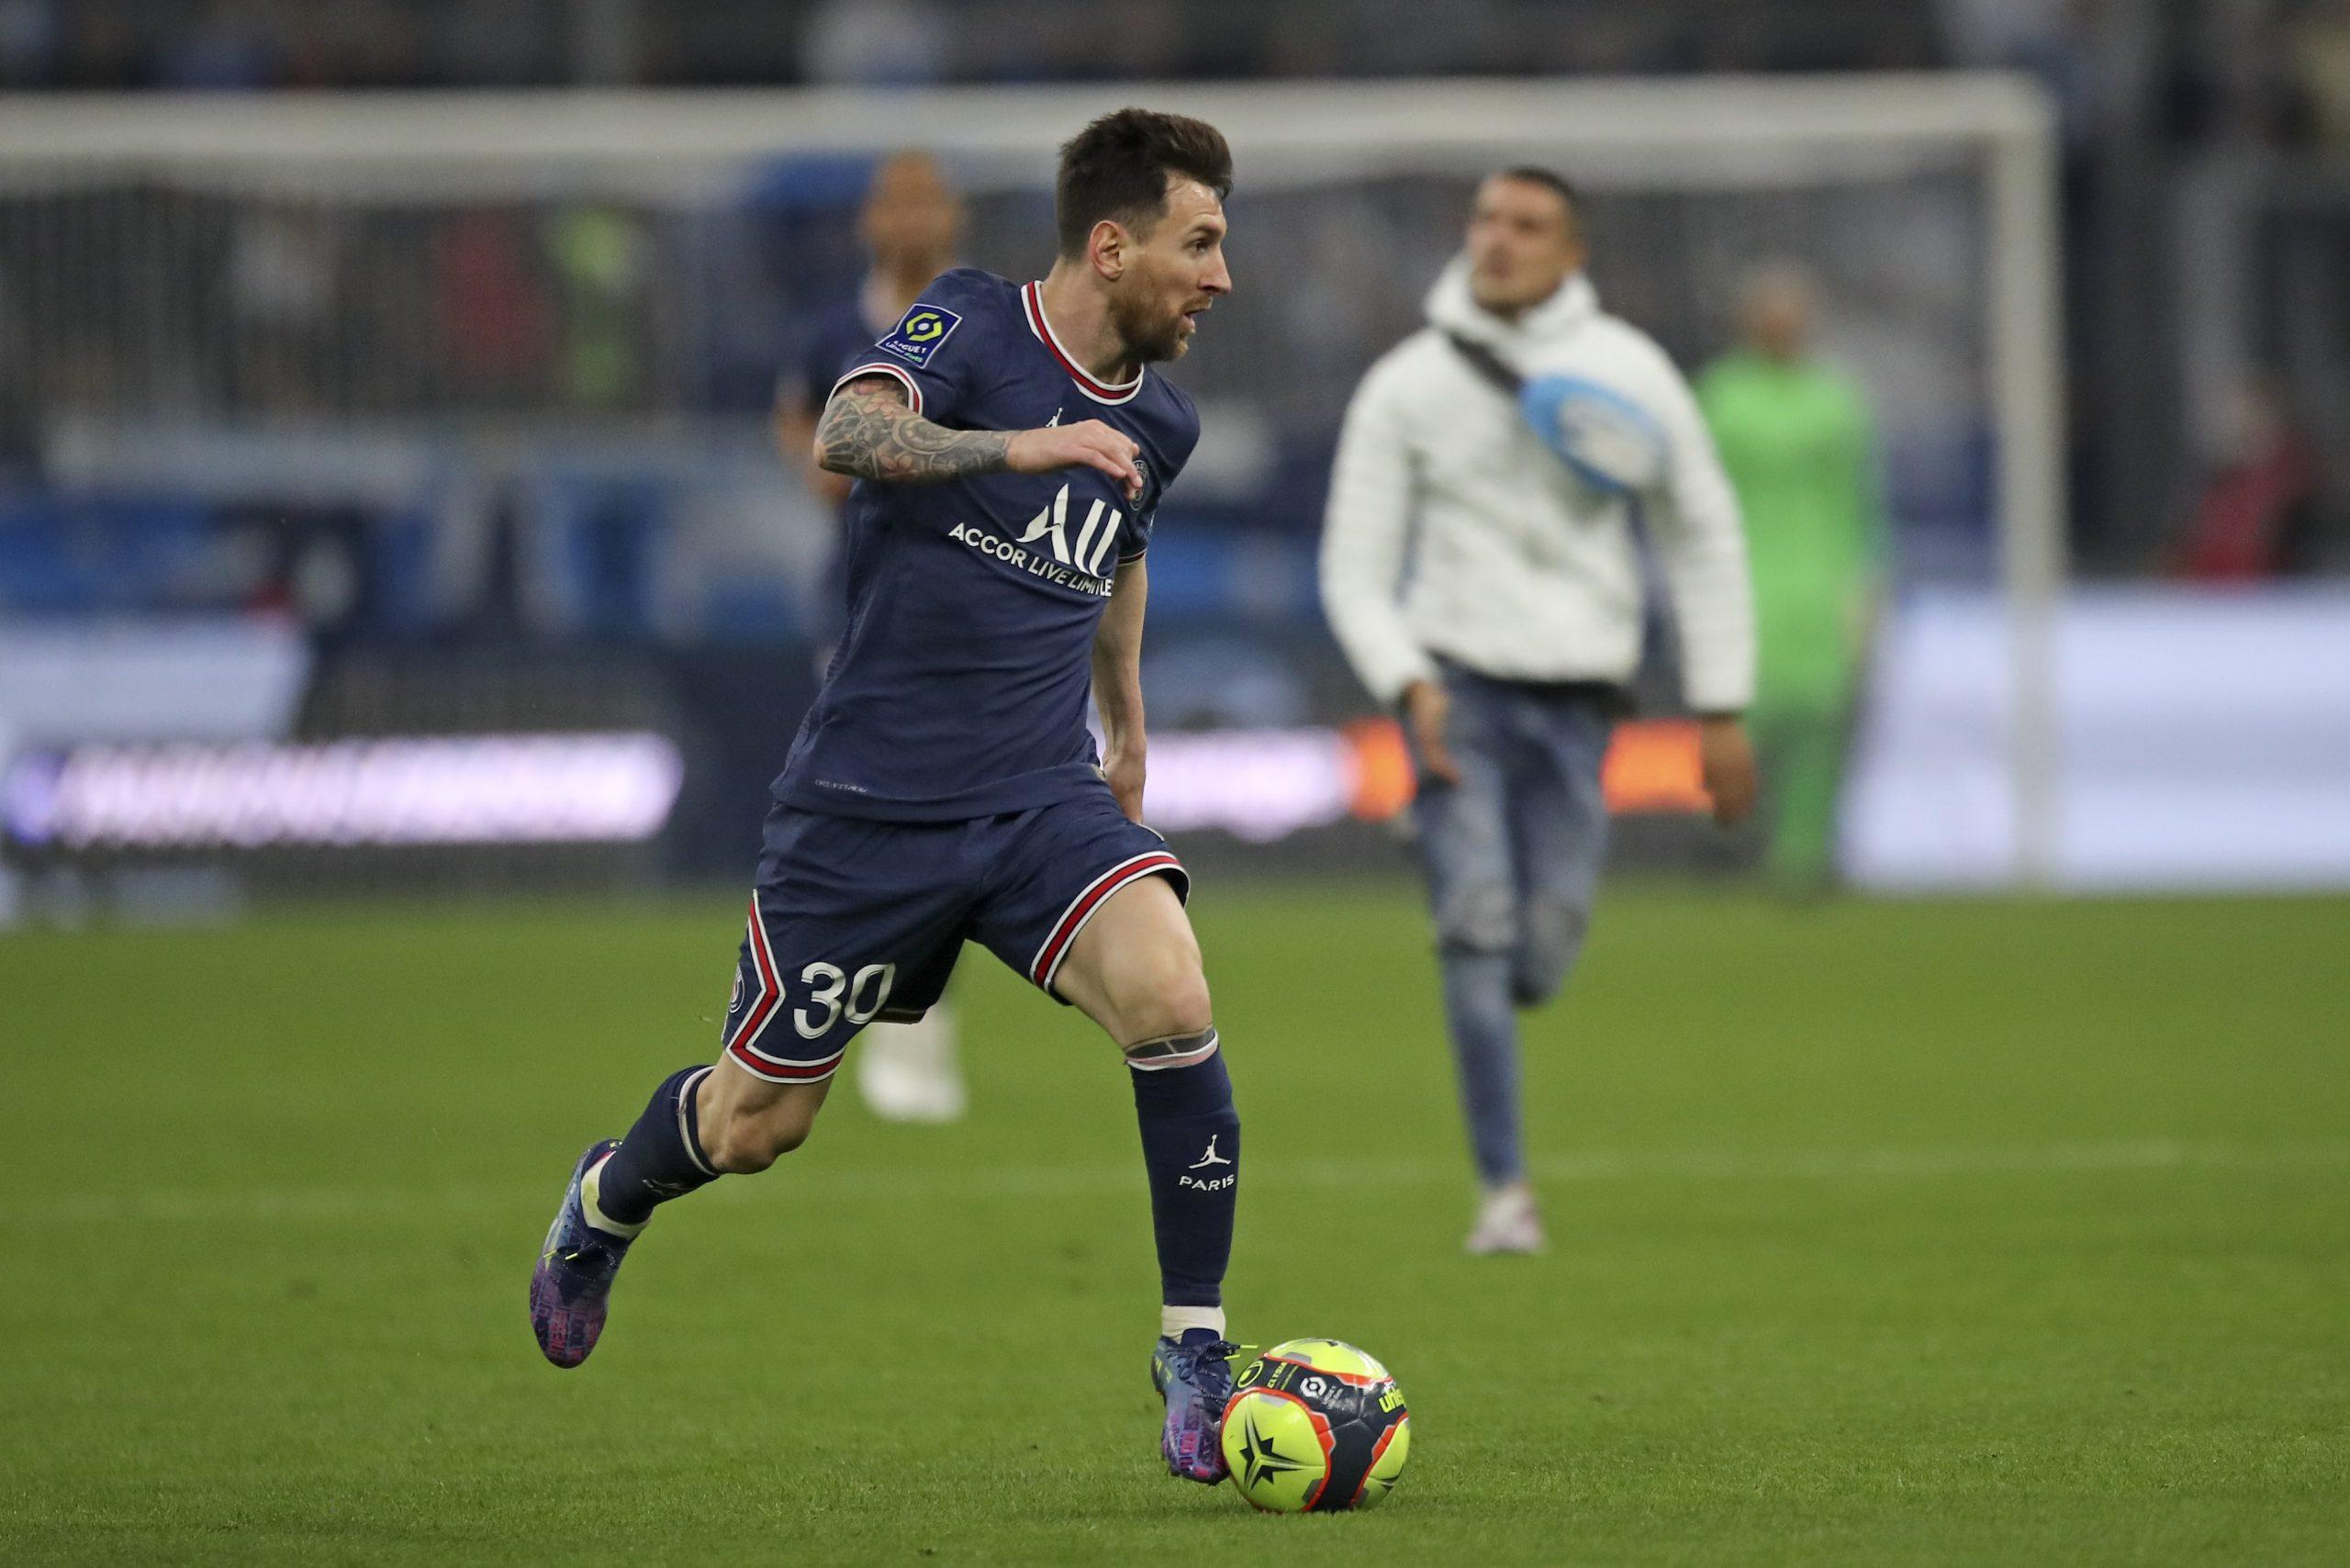 Trakais Francijas derbijs – vairogi stūra sitienu laikā, un fans skrien pakaļ Mesi